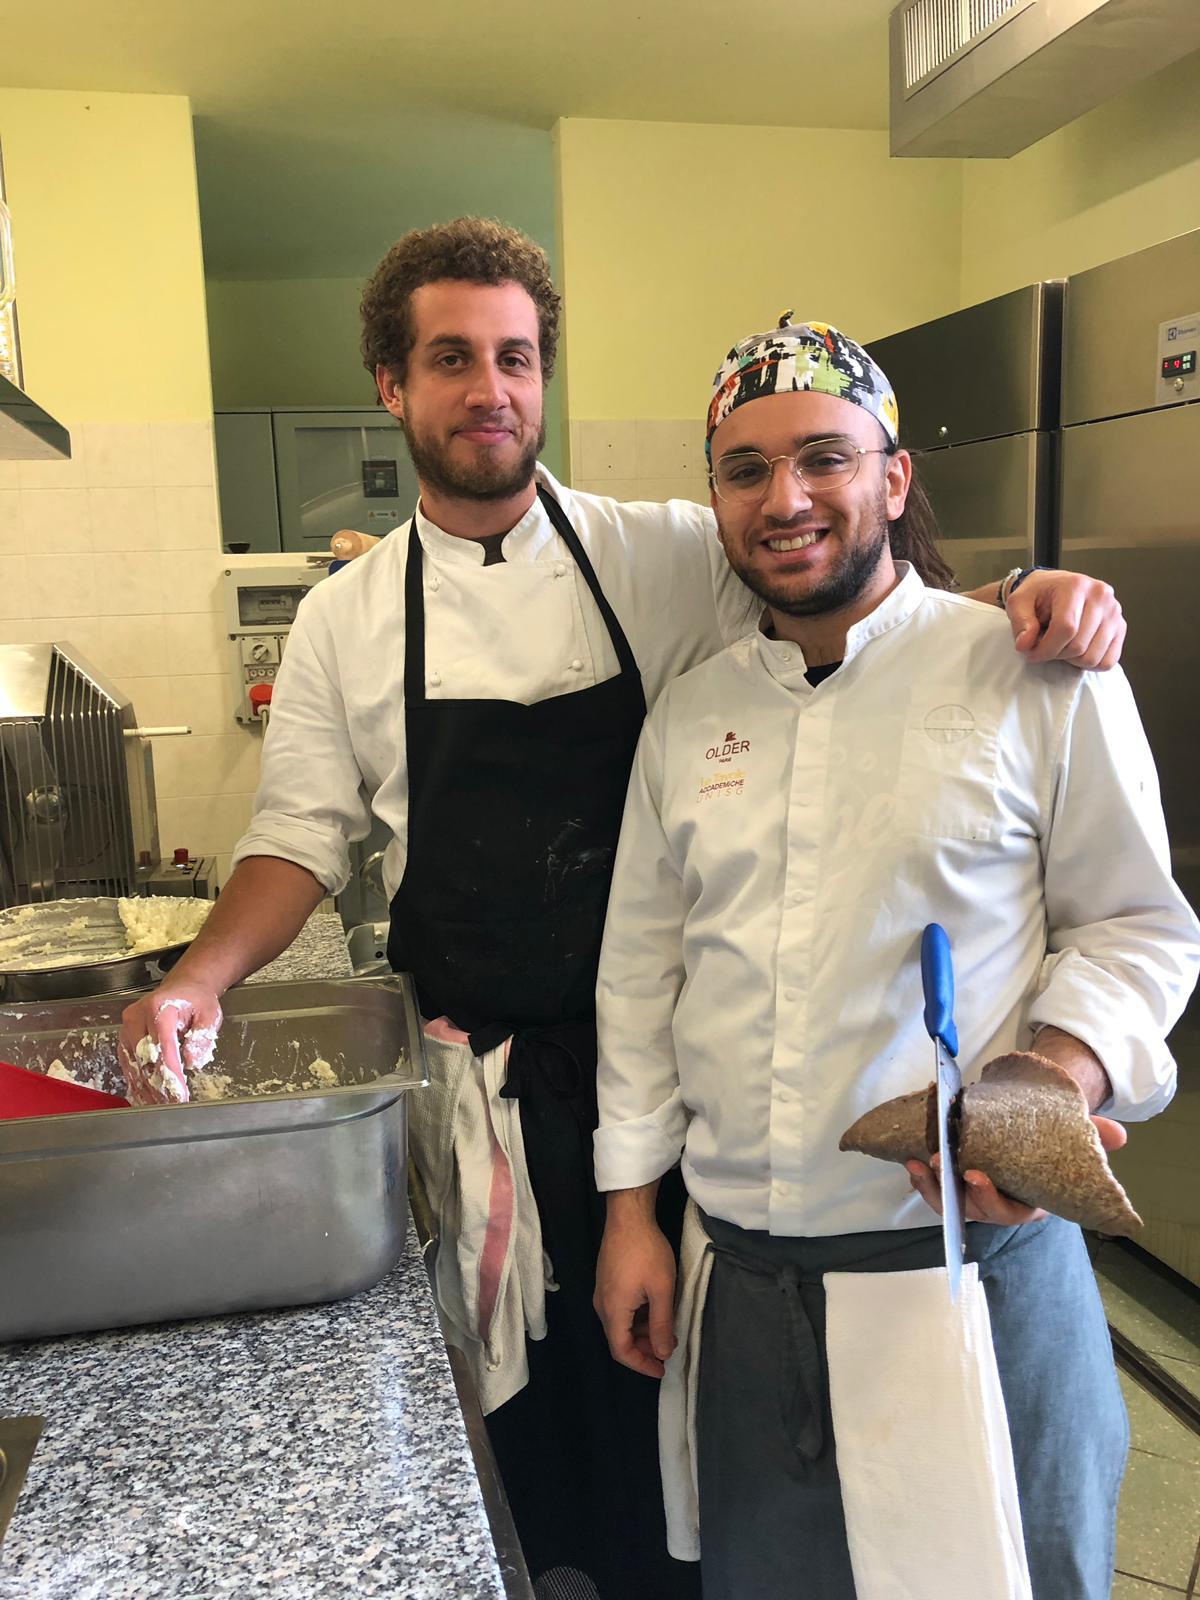 Antonio (left) and Valerio (right)